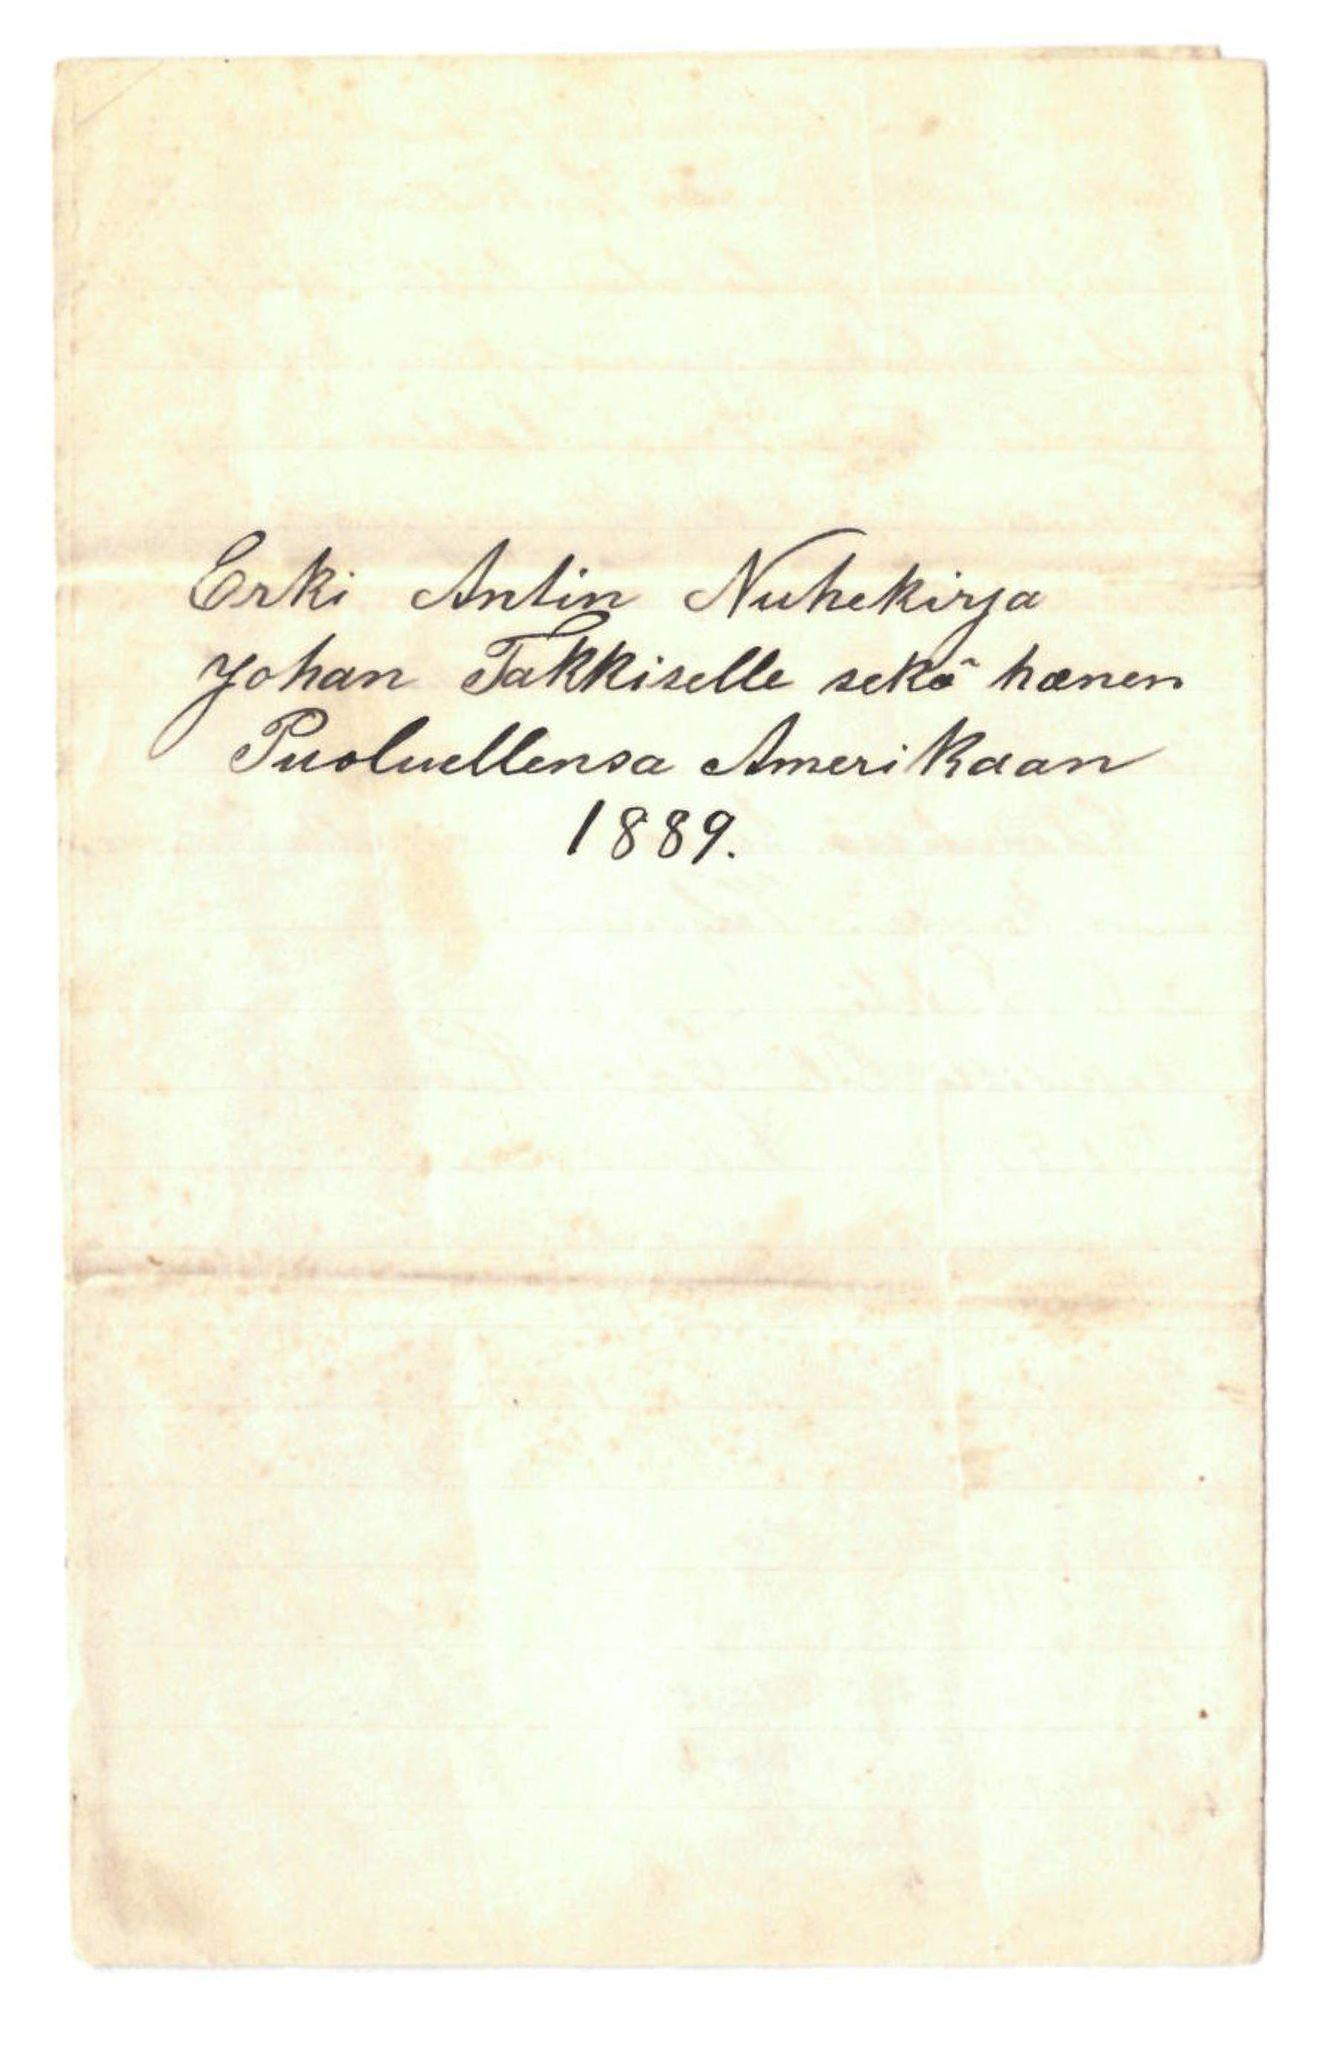 FMFB, Elise Balos brevsamling, F/Fa/L0008: Erki Antin nuhekirje Johan Takkiselle sekä hänen puoluellensa Amerikaan., 1889